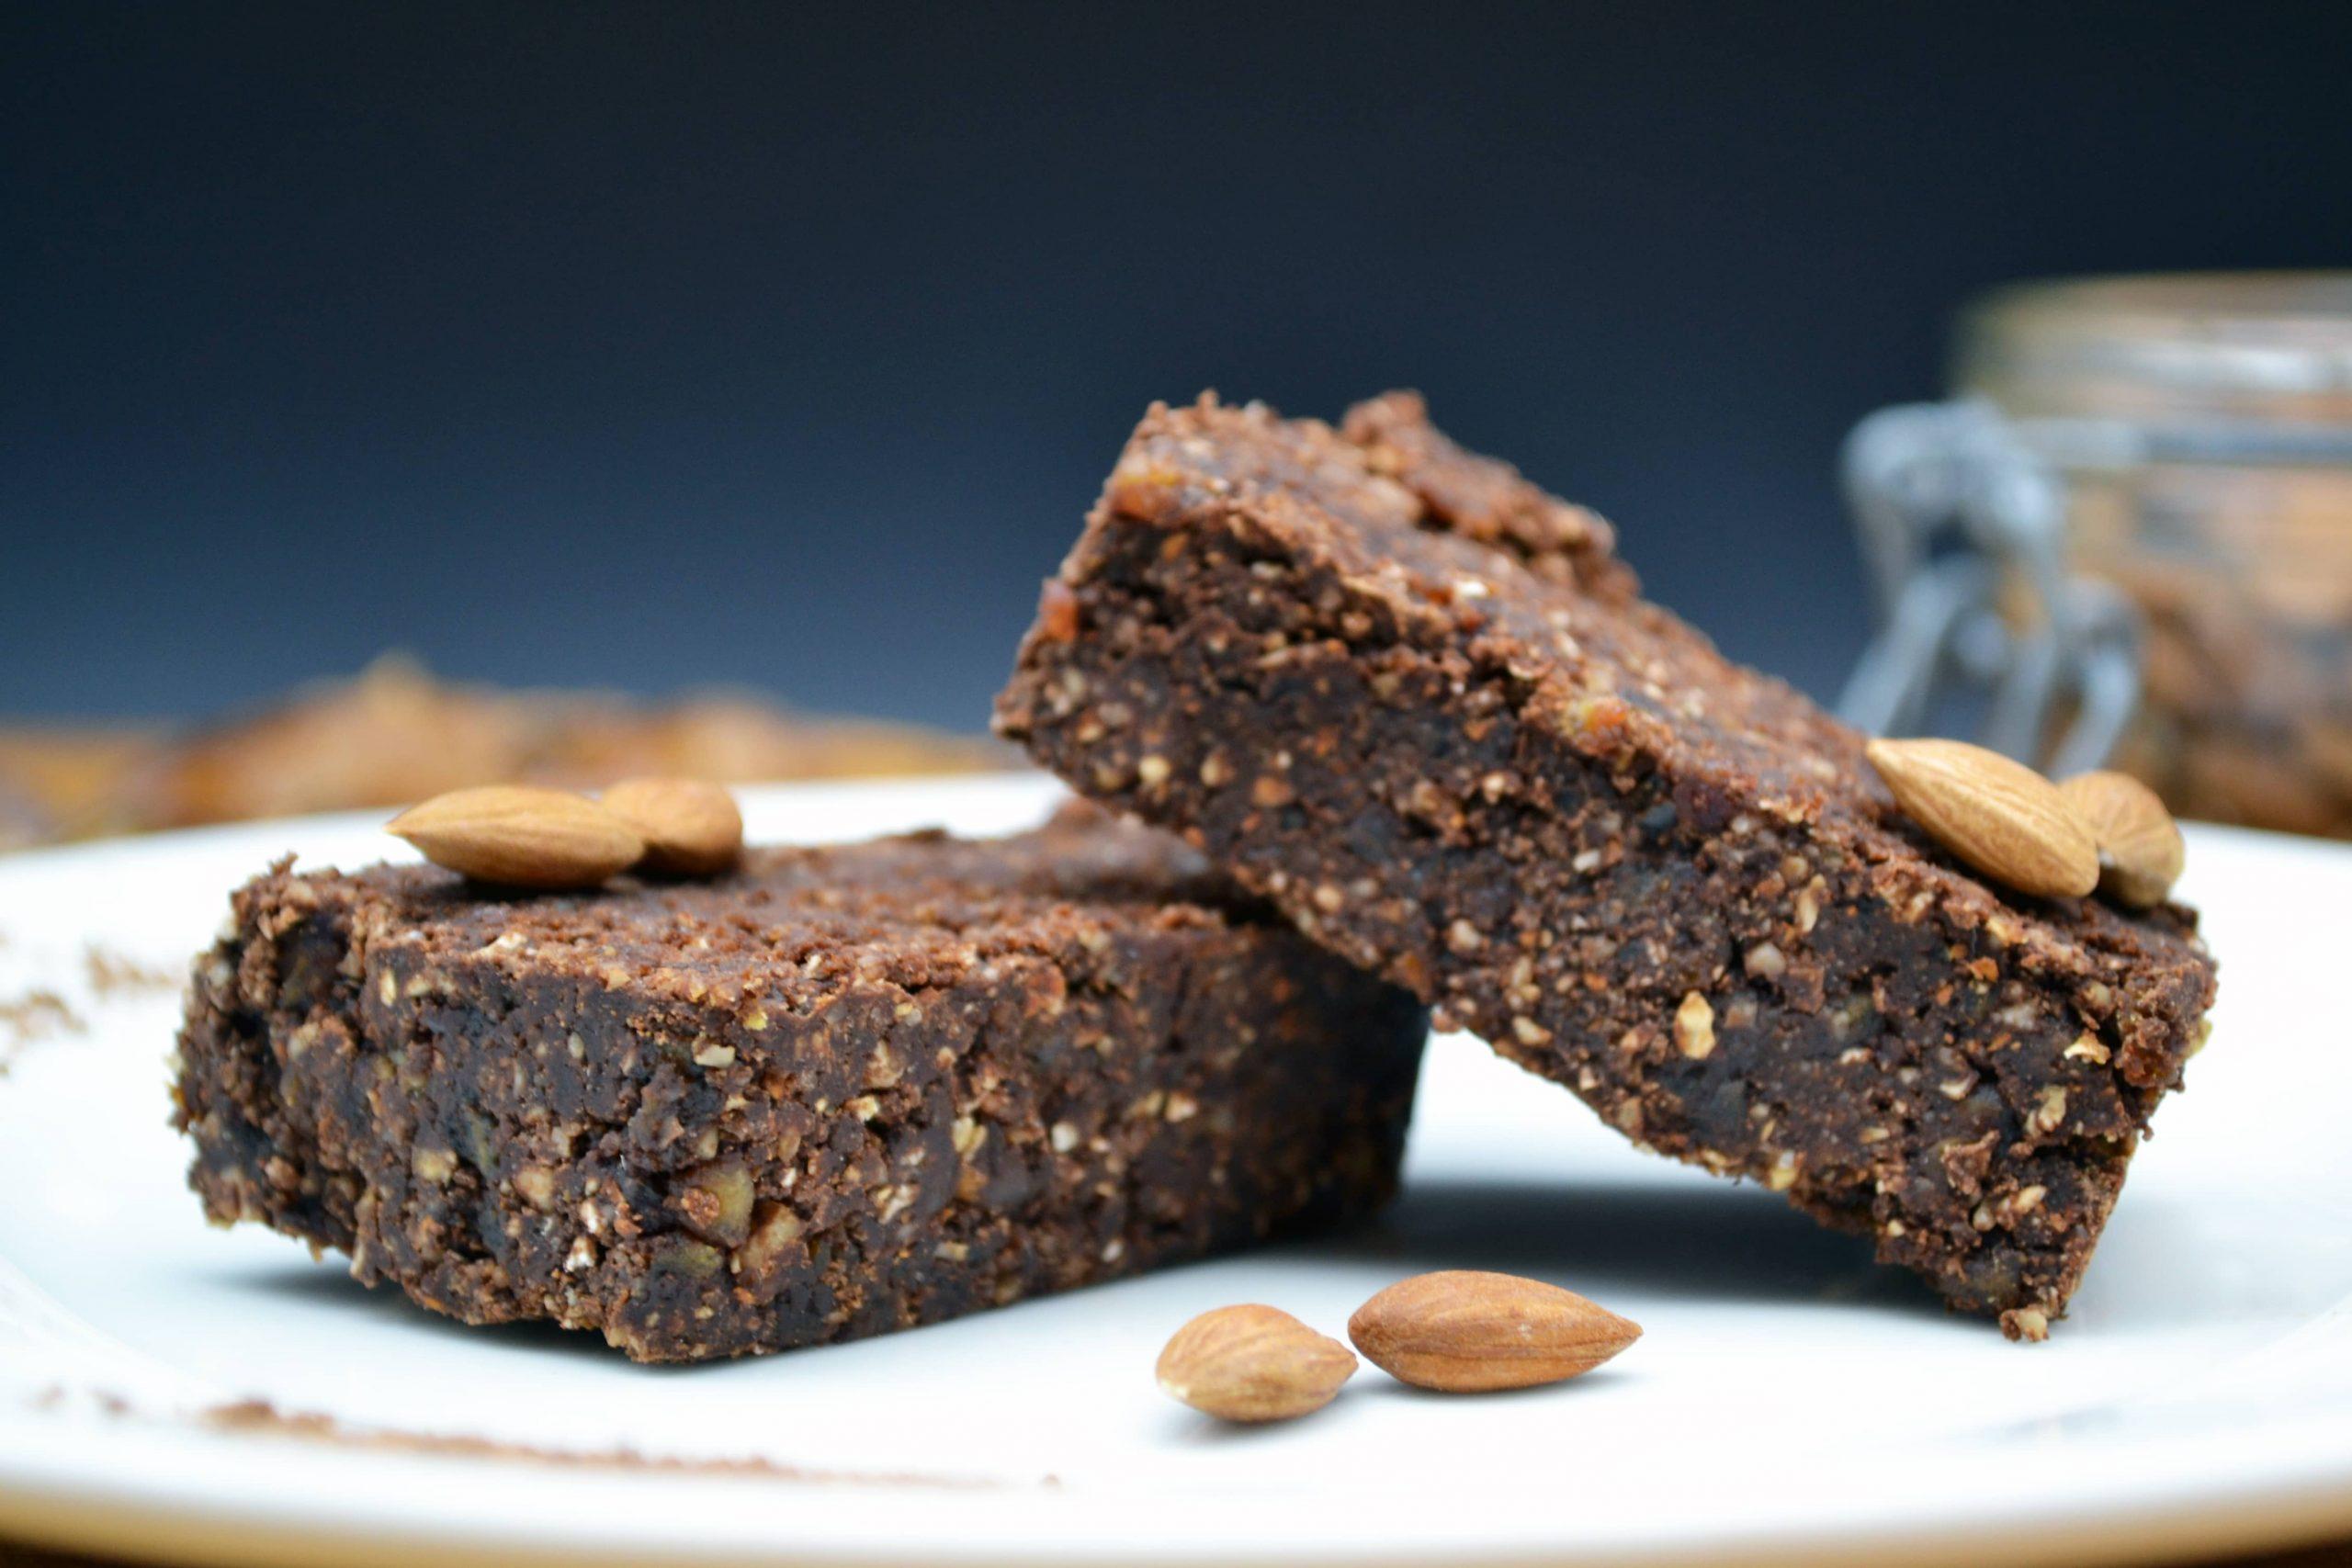 préparation pour pâtisseries végétales et bio pour Brawnie vegan sans cuisson